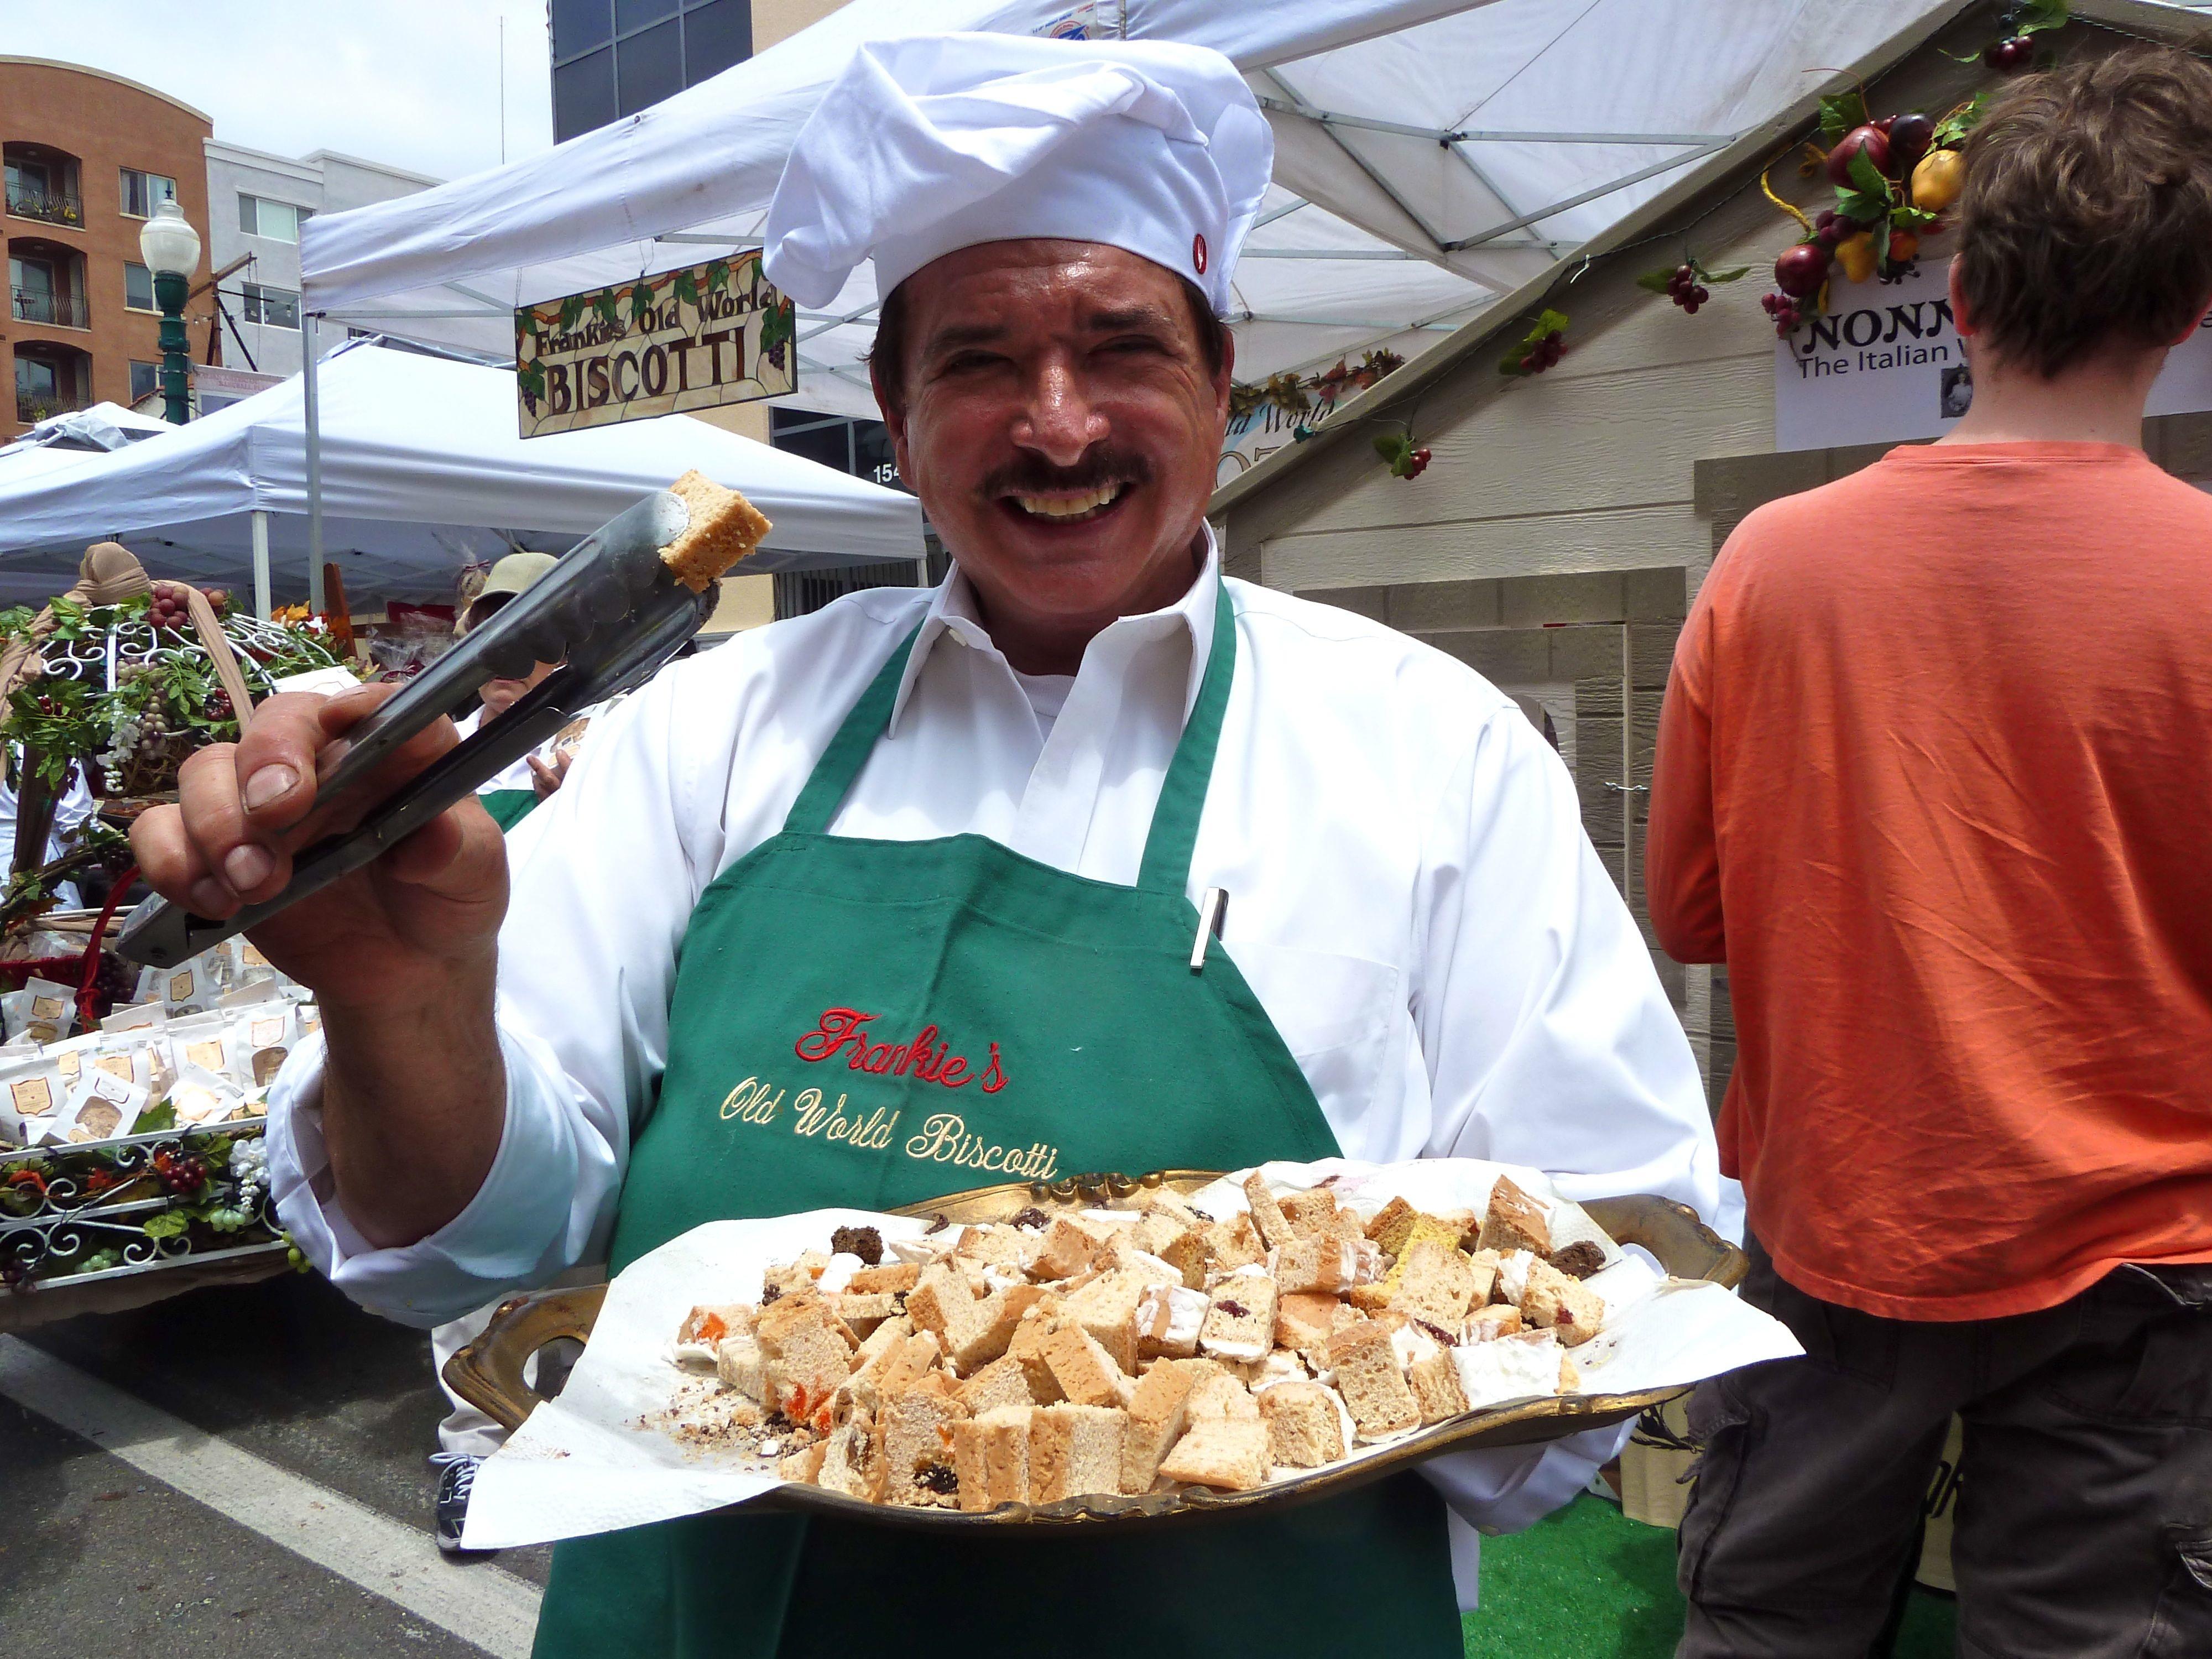 Sicilian Festival - Biscotti